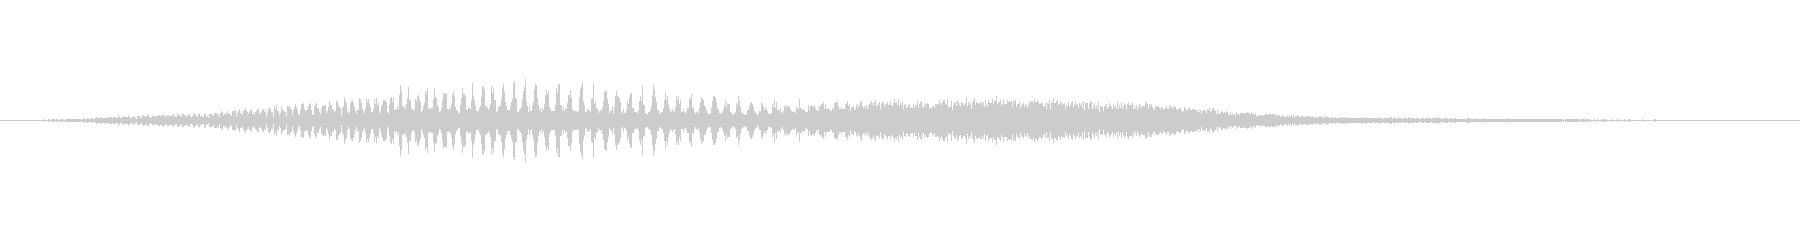 ステータス変更、バズアニマルグロー...の未再生の波形